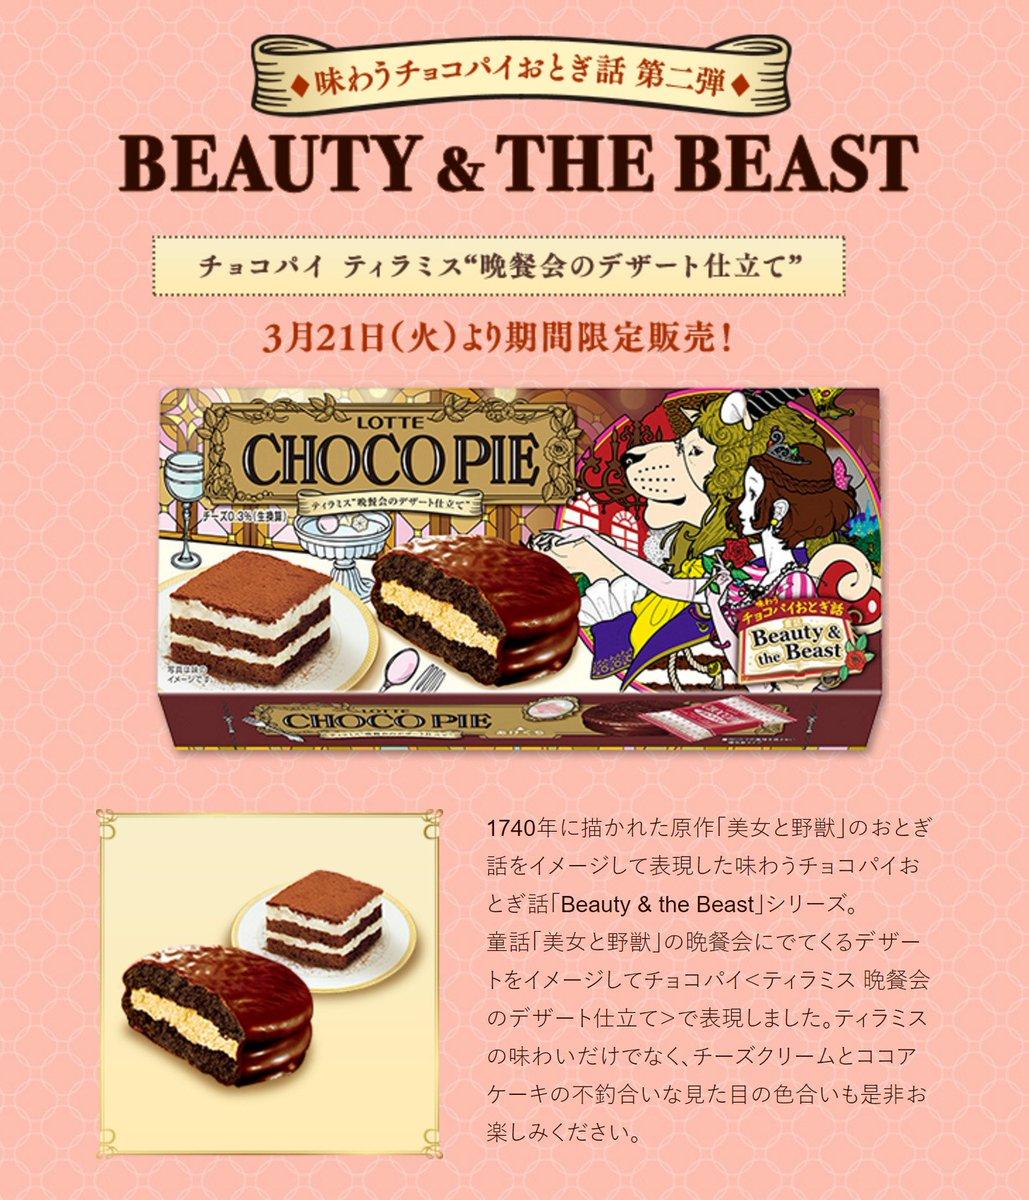 """あのロッテ『チョコパイ』のパッケージイラストを描かせて頂きました!箱はそのまま""""ぬりえジオラマ""""になる楽しい仕様で、コンテストやイベントも開催。詳しくは chocopie-dressup.com をご覧ください。"""